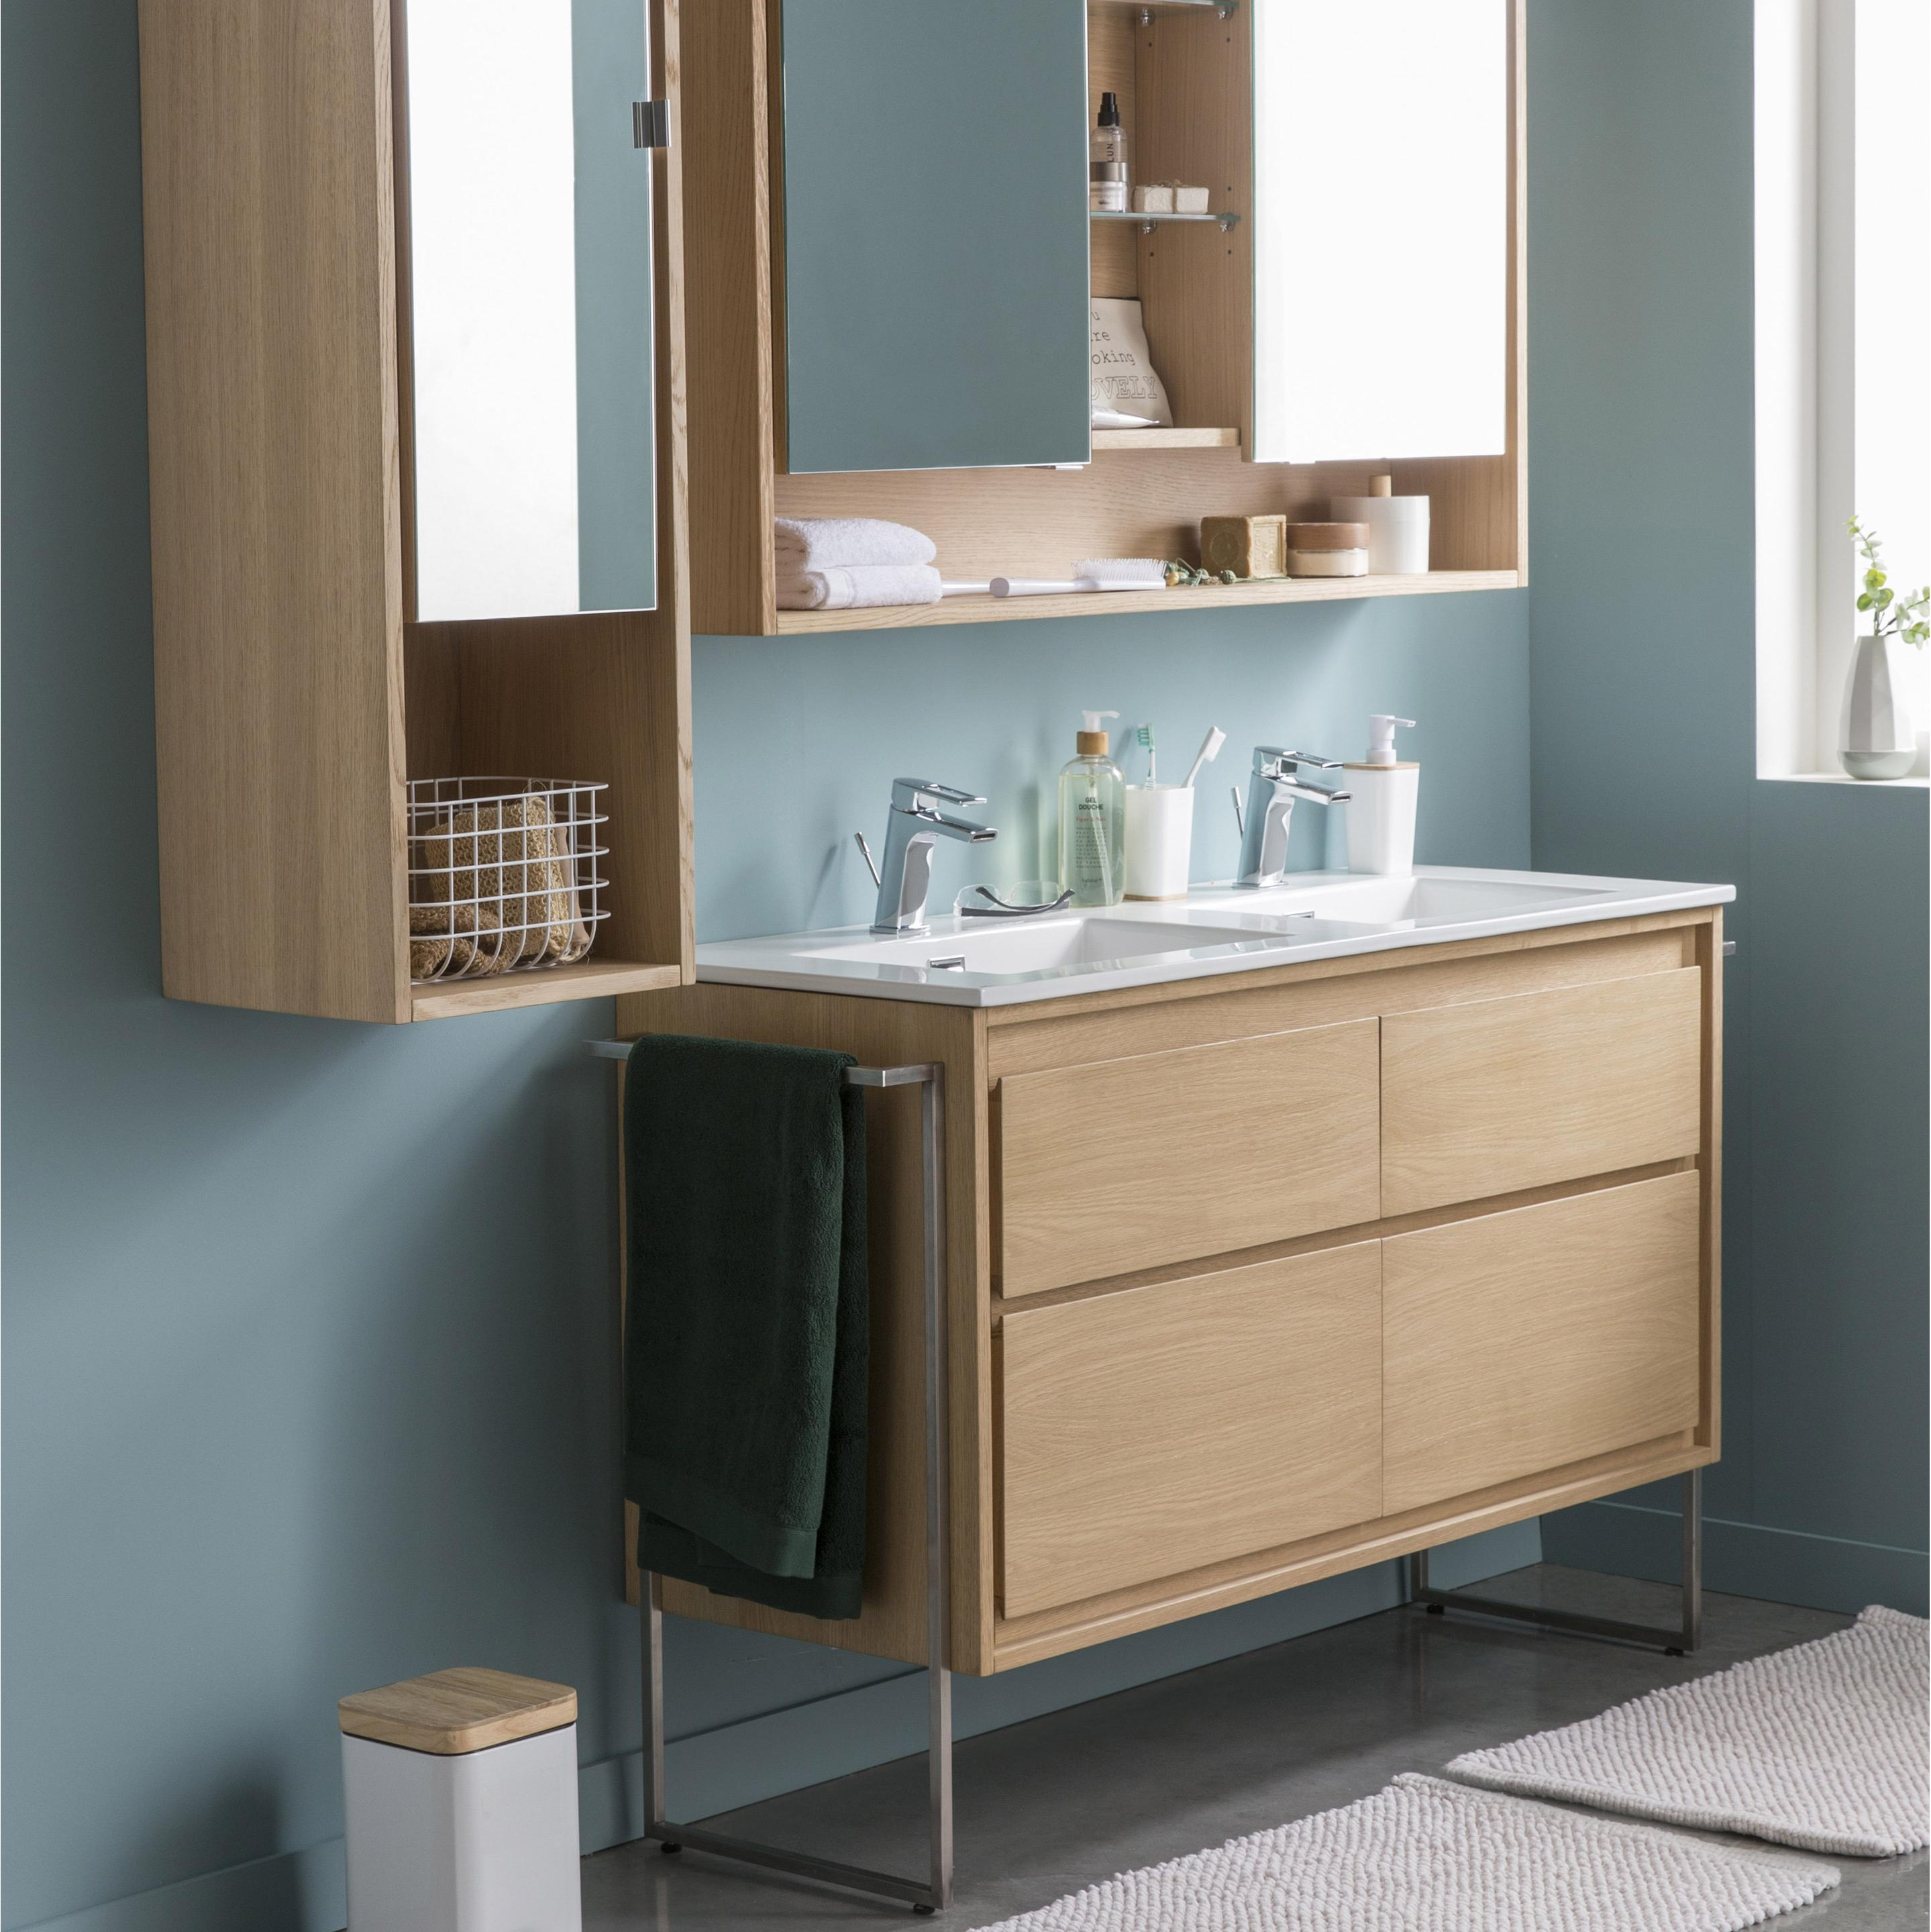 Meuble de salle de bains l.119.5 x H.60 x P.45 cm, effet chêne naturel, Storm